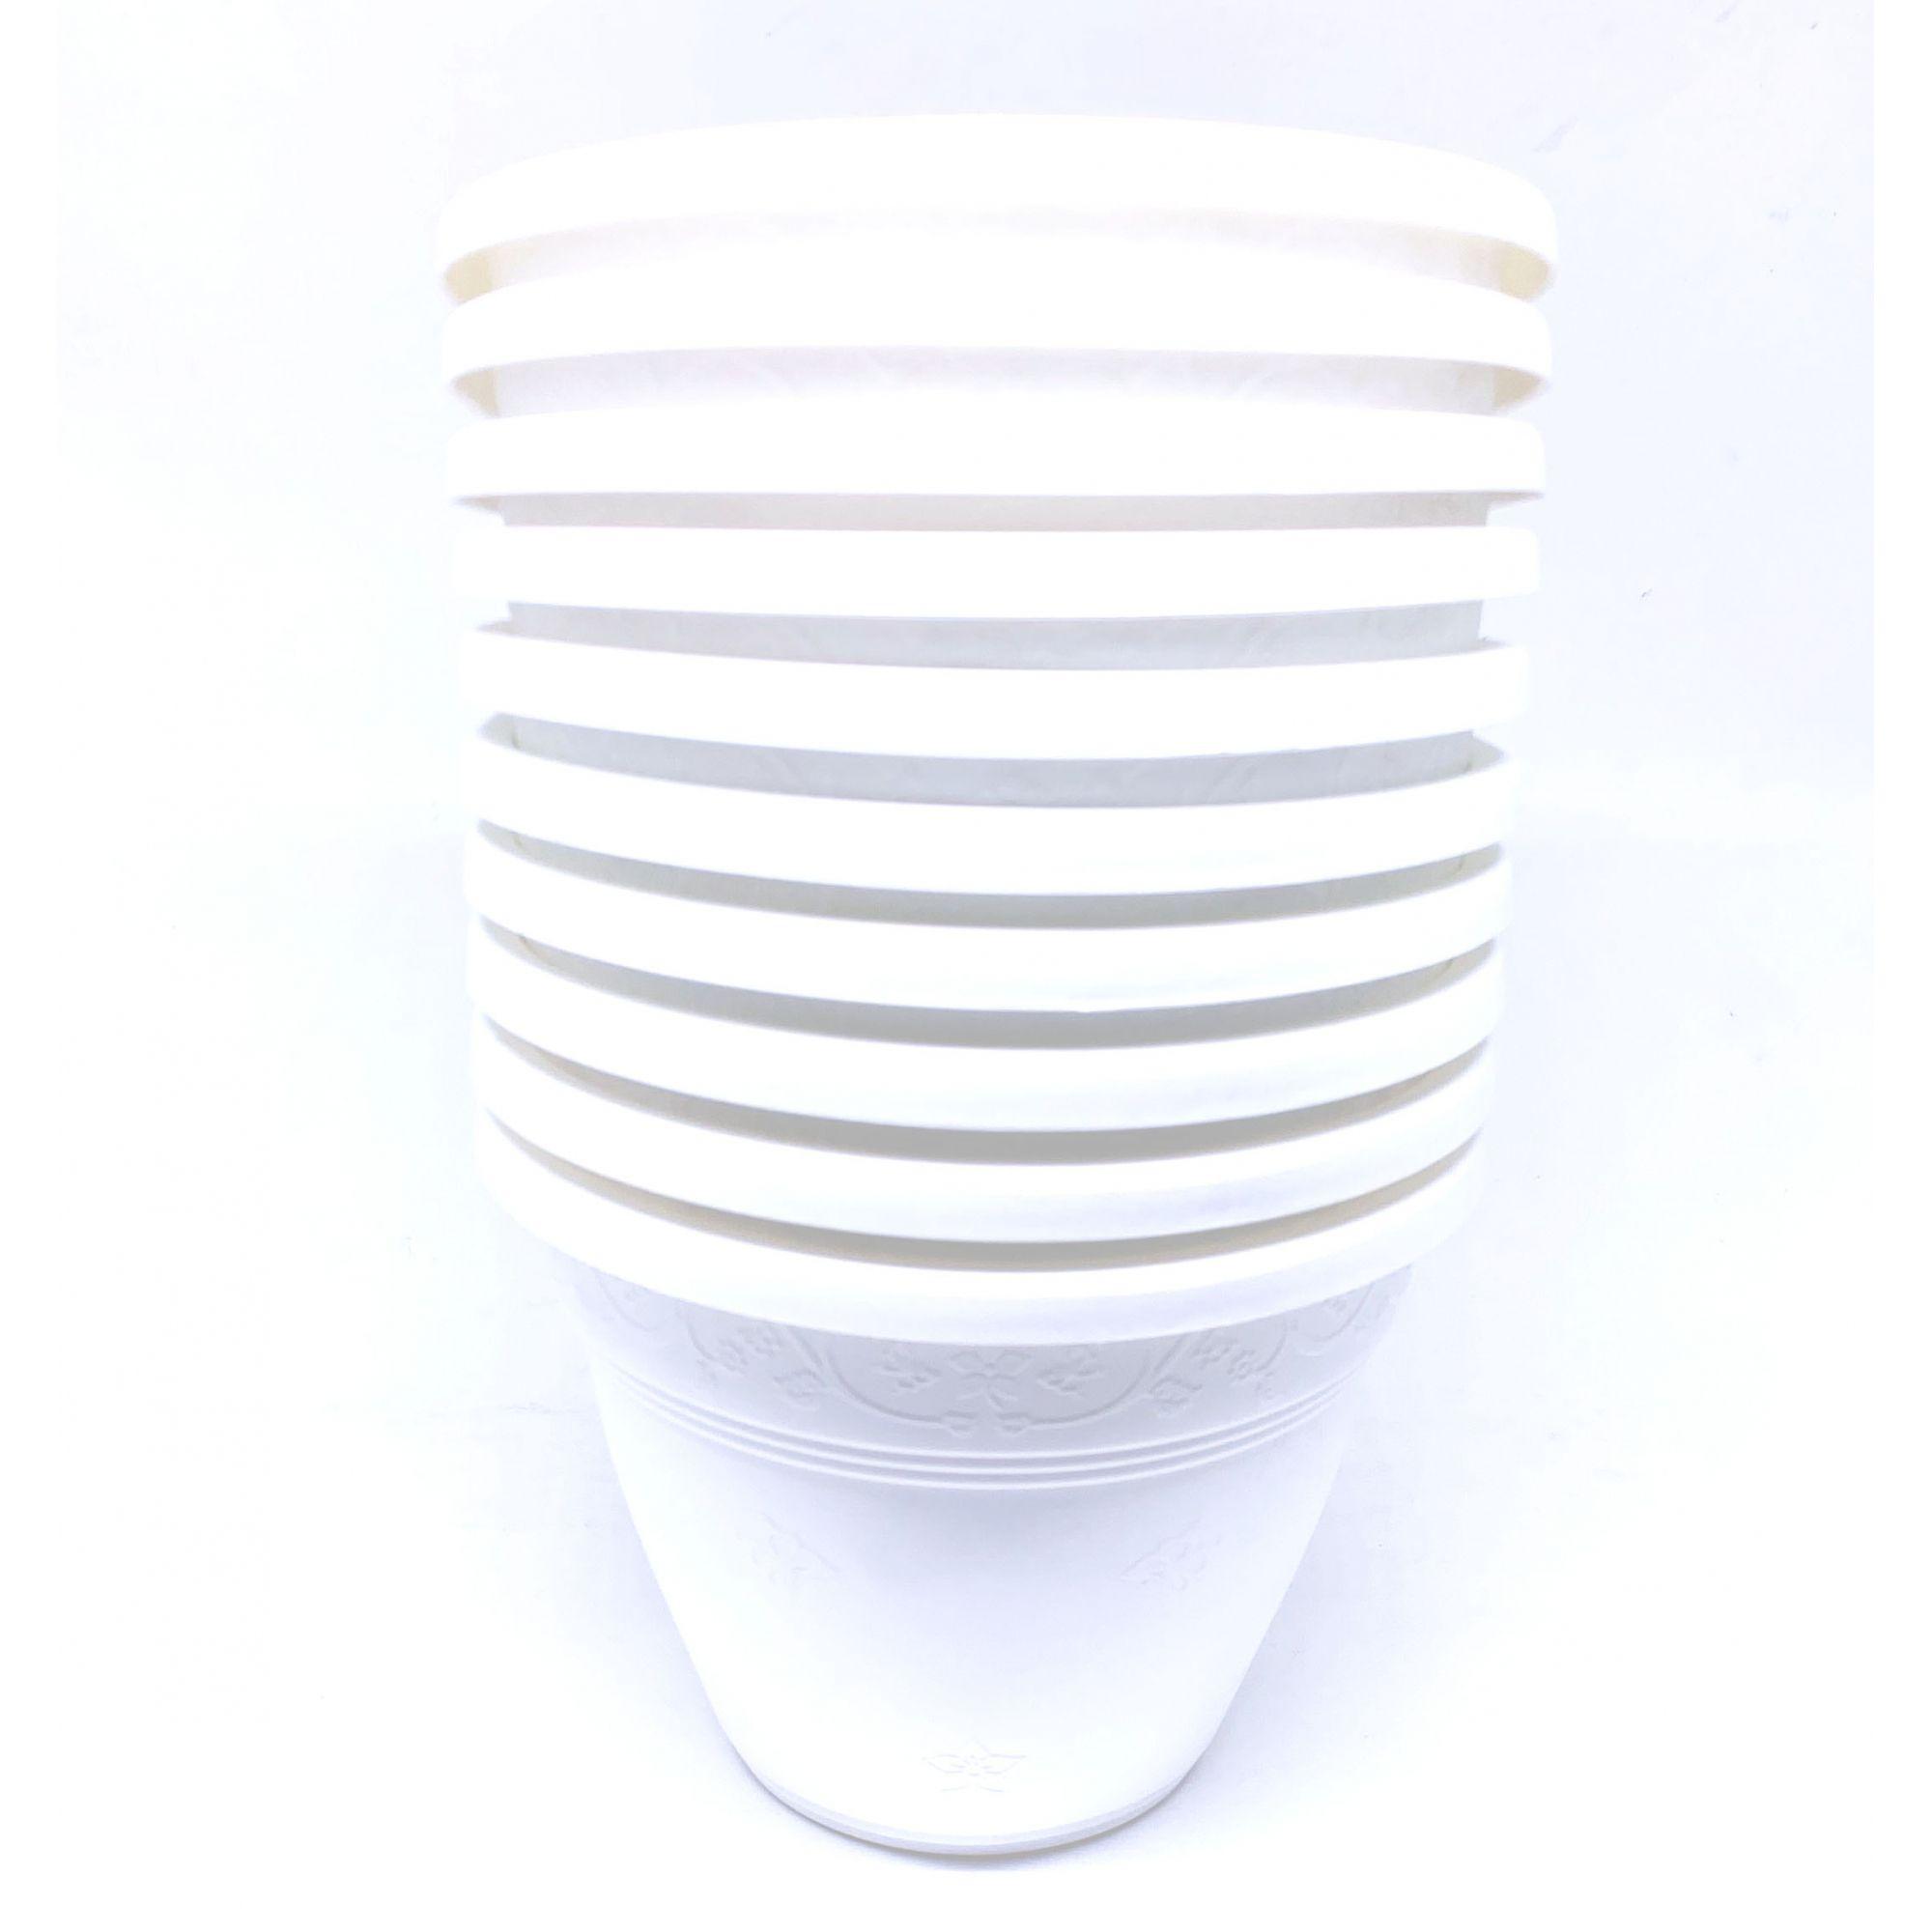 Kit C/10 Vaso de Parede Vicenza Pequeno Branco Pequeno 15 - DL